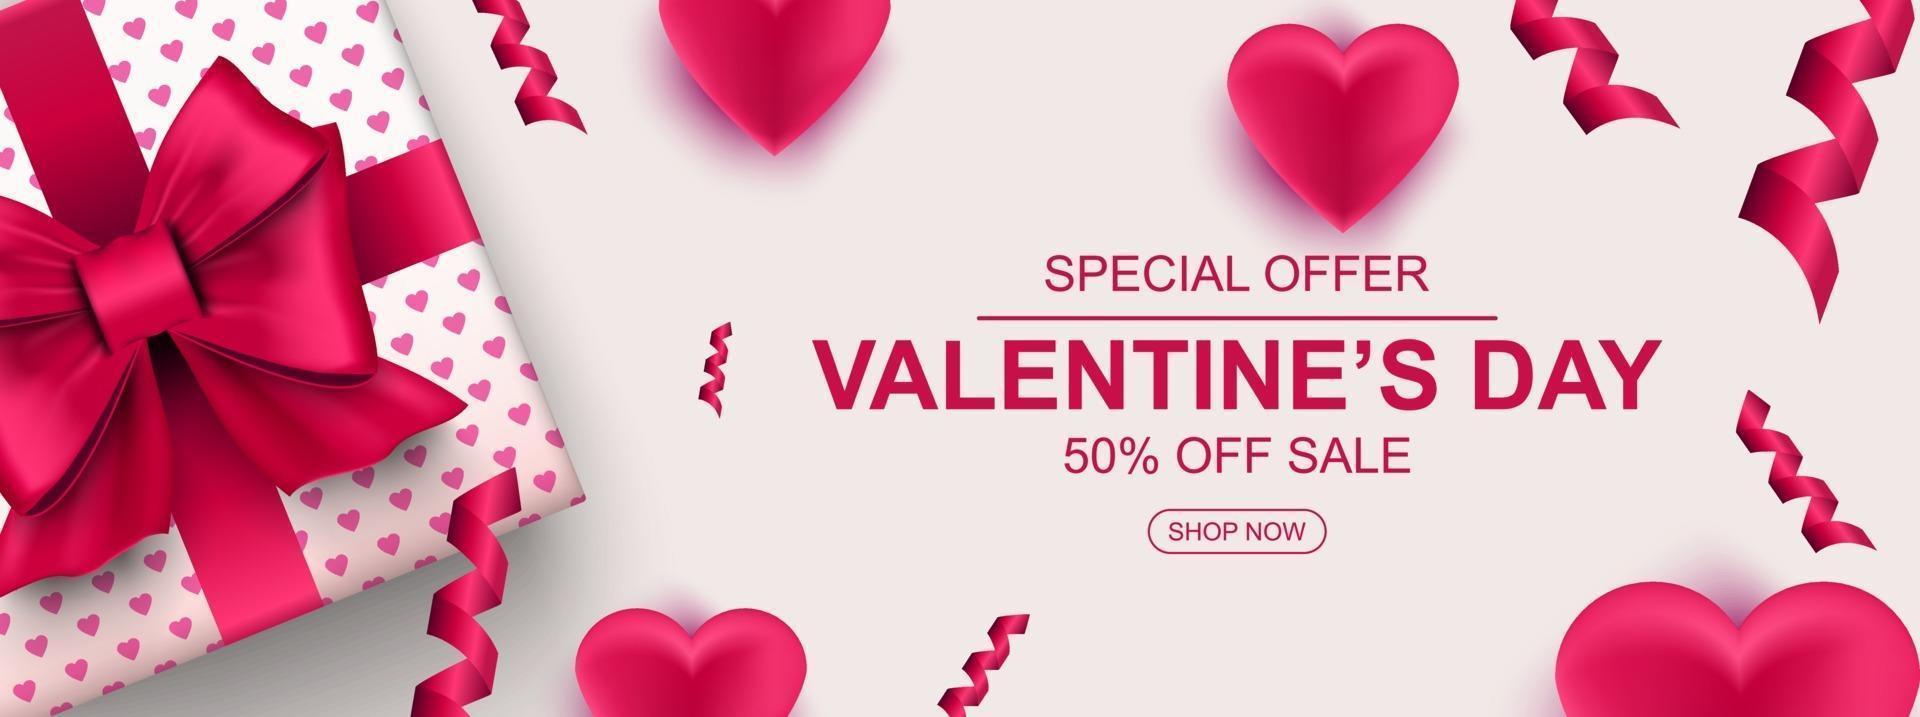 banner web di vendita di san valentino. confezione regalo realistica con fiocco, cuore e coriandoli vettore